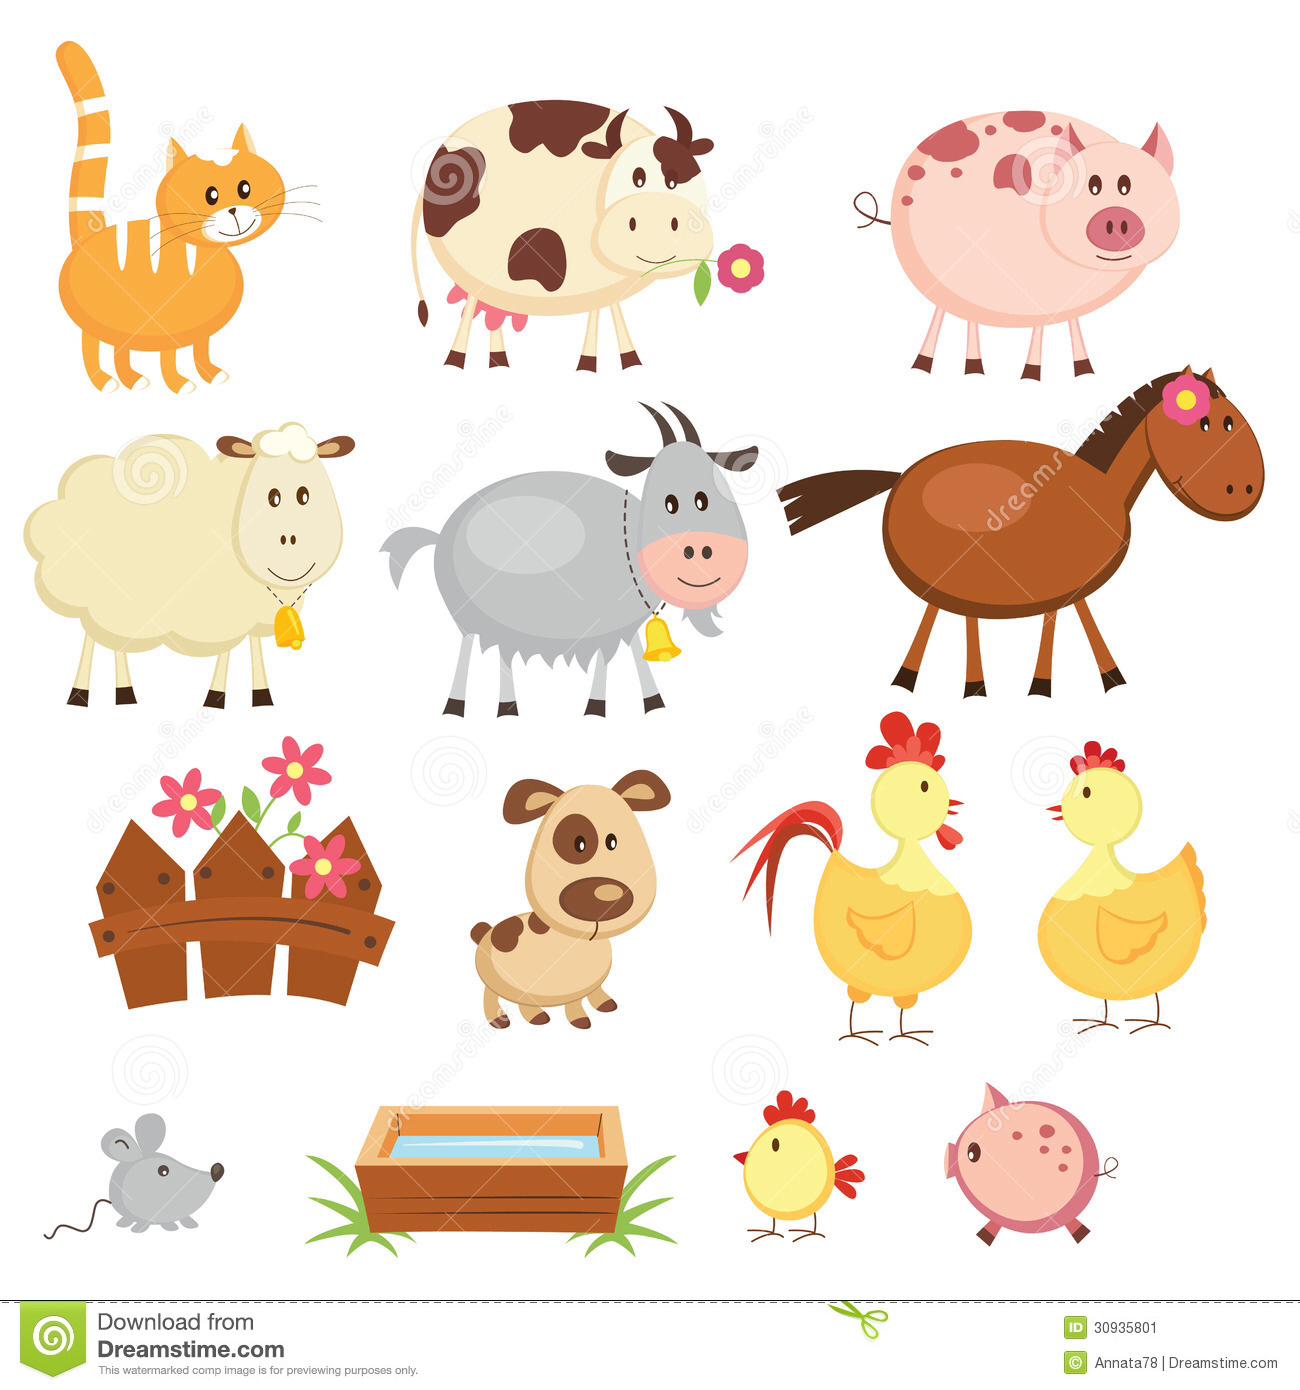 Farm Animals Clip Art Pinterest-Farm Animals Clip Art Pinterest-10